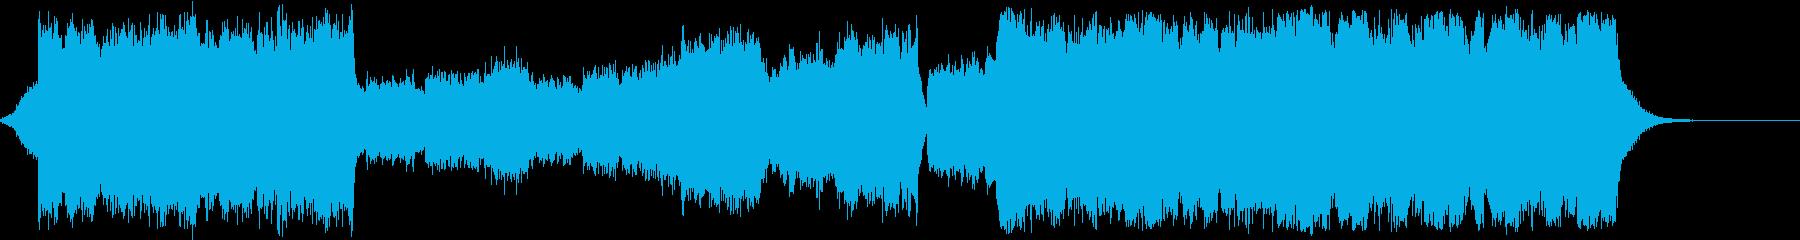 大海原、切なく壮大なフルオーケストラの再生済みの波形